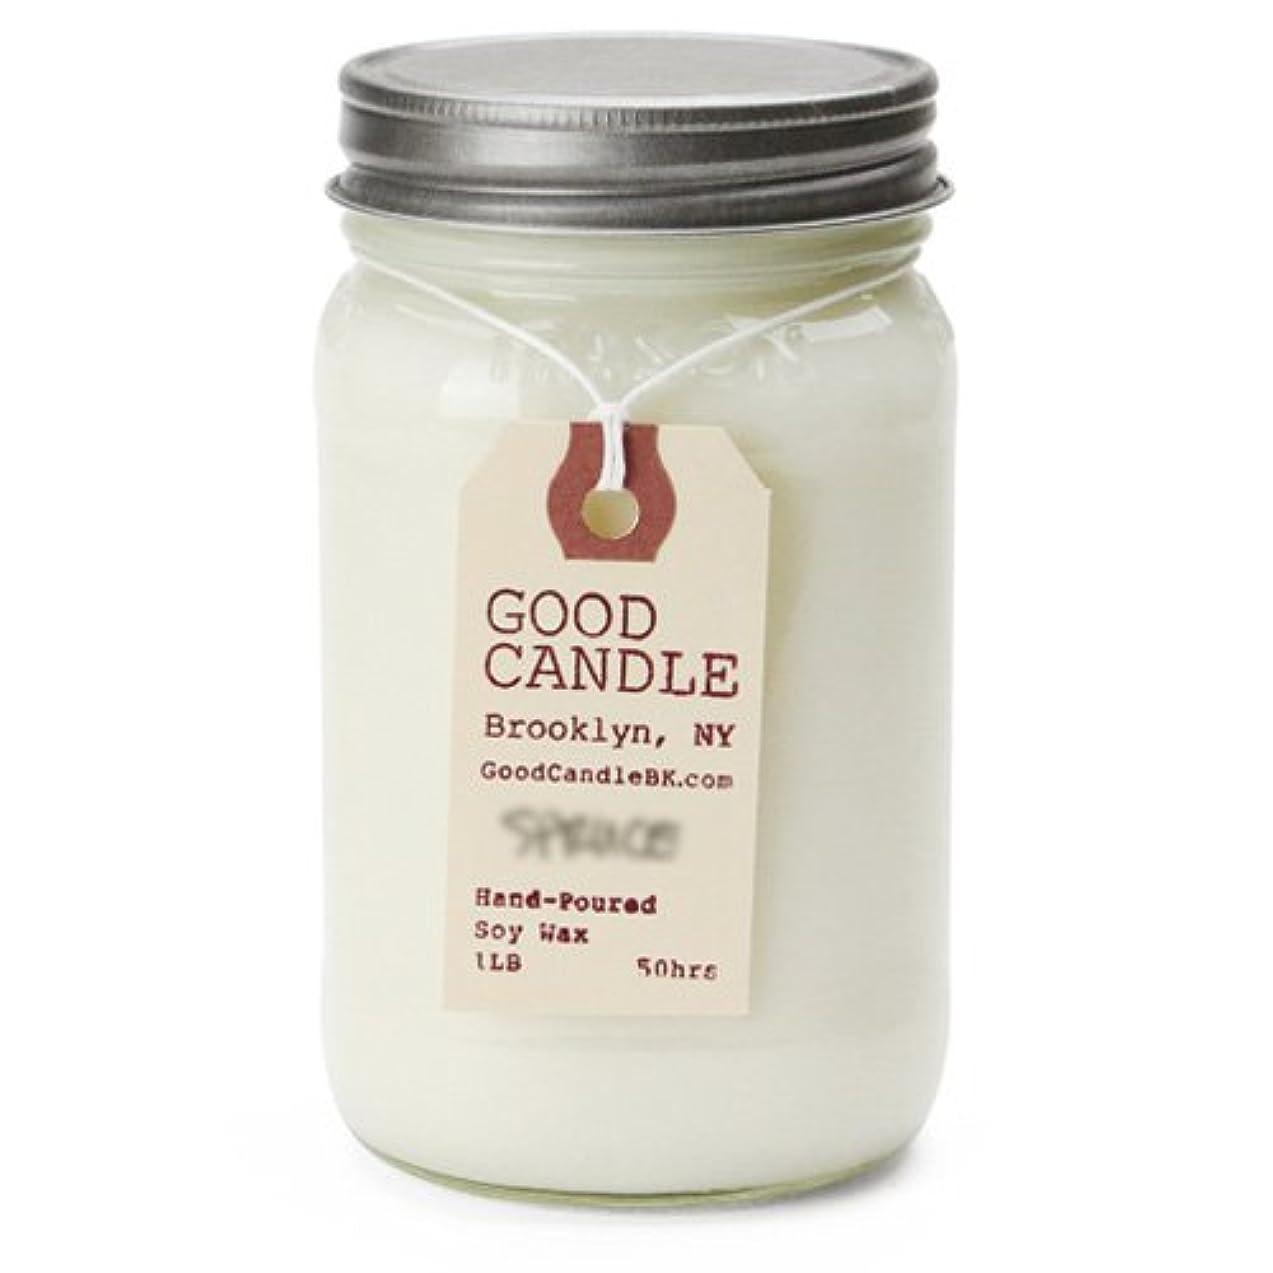 びっくりしたびっくりした告発グッドキャンドル 1ポンド メイソンジャー キャンドル Good Candle 1LB Mason jar candle [ Camp fire ] 正規品